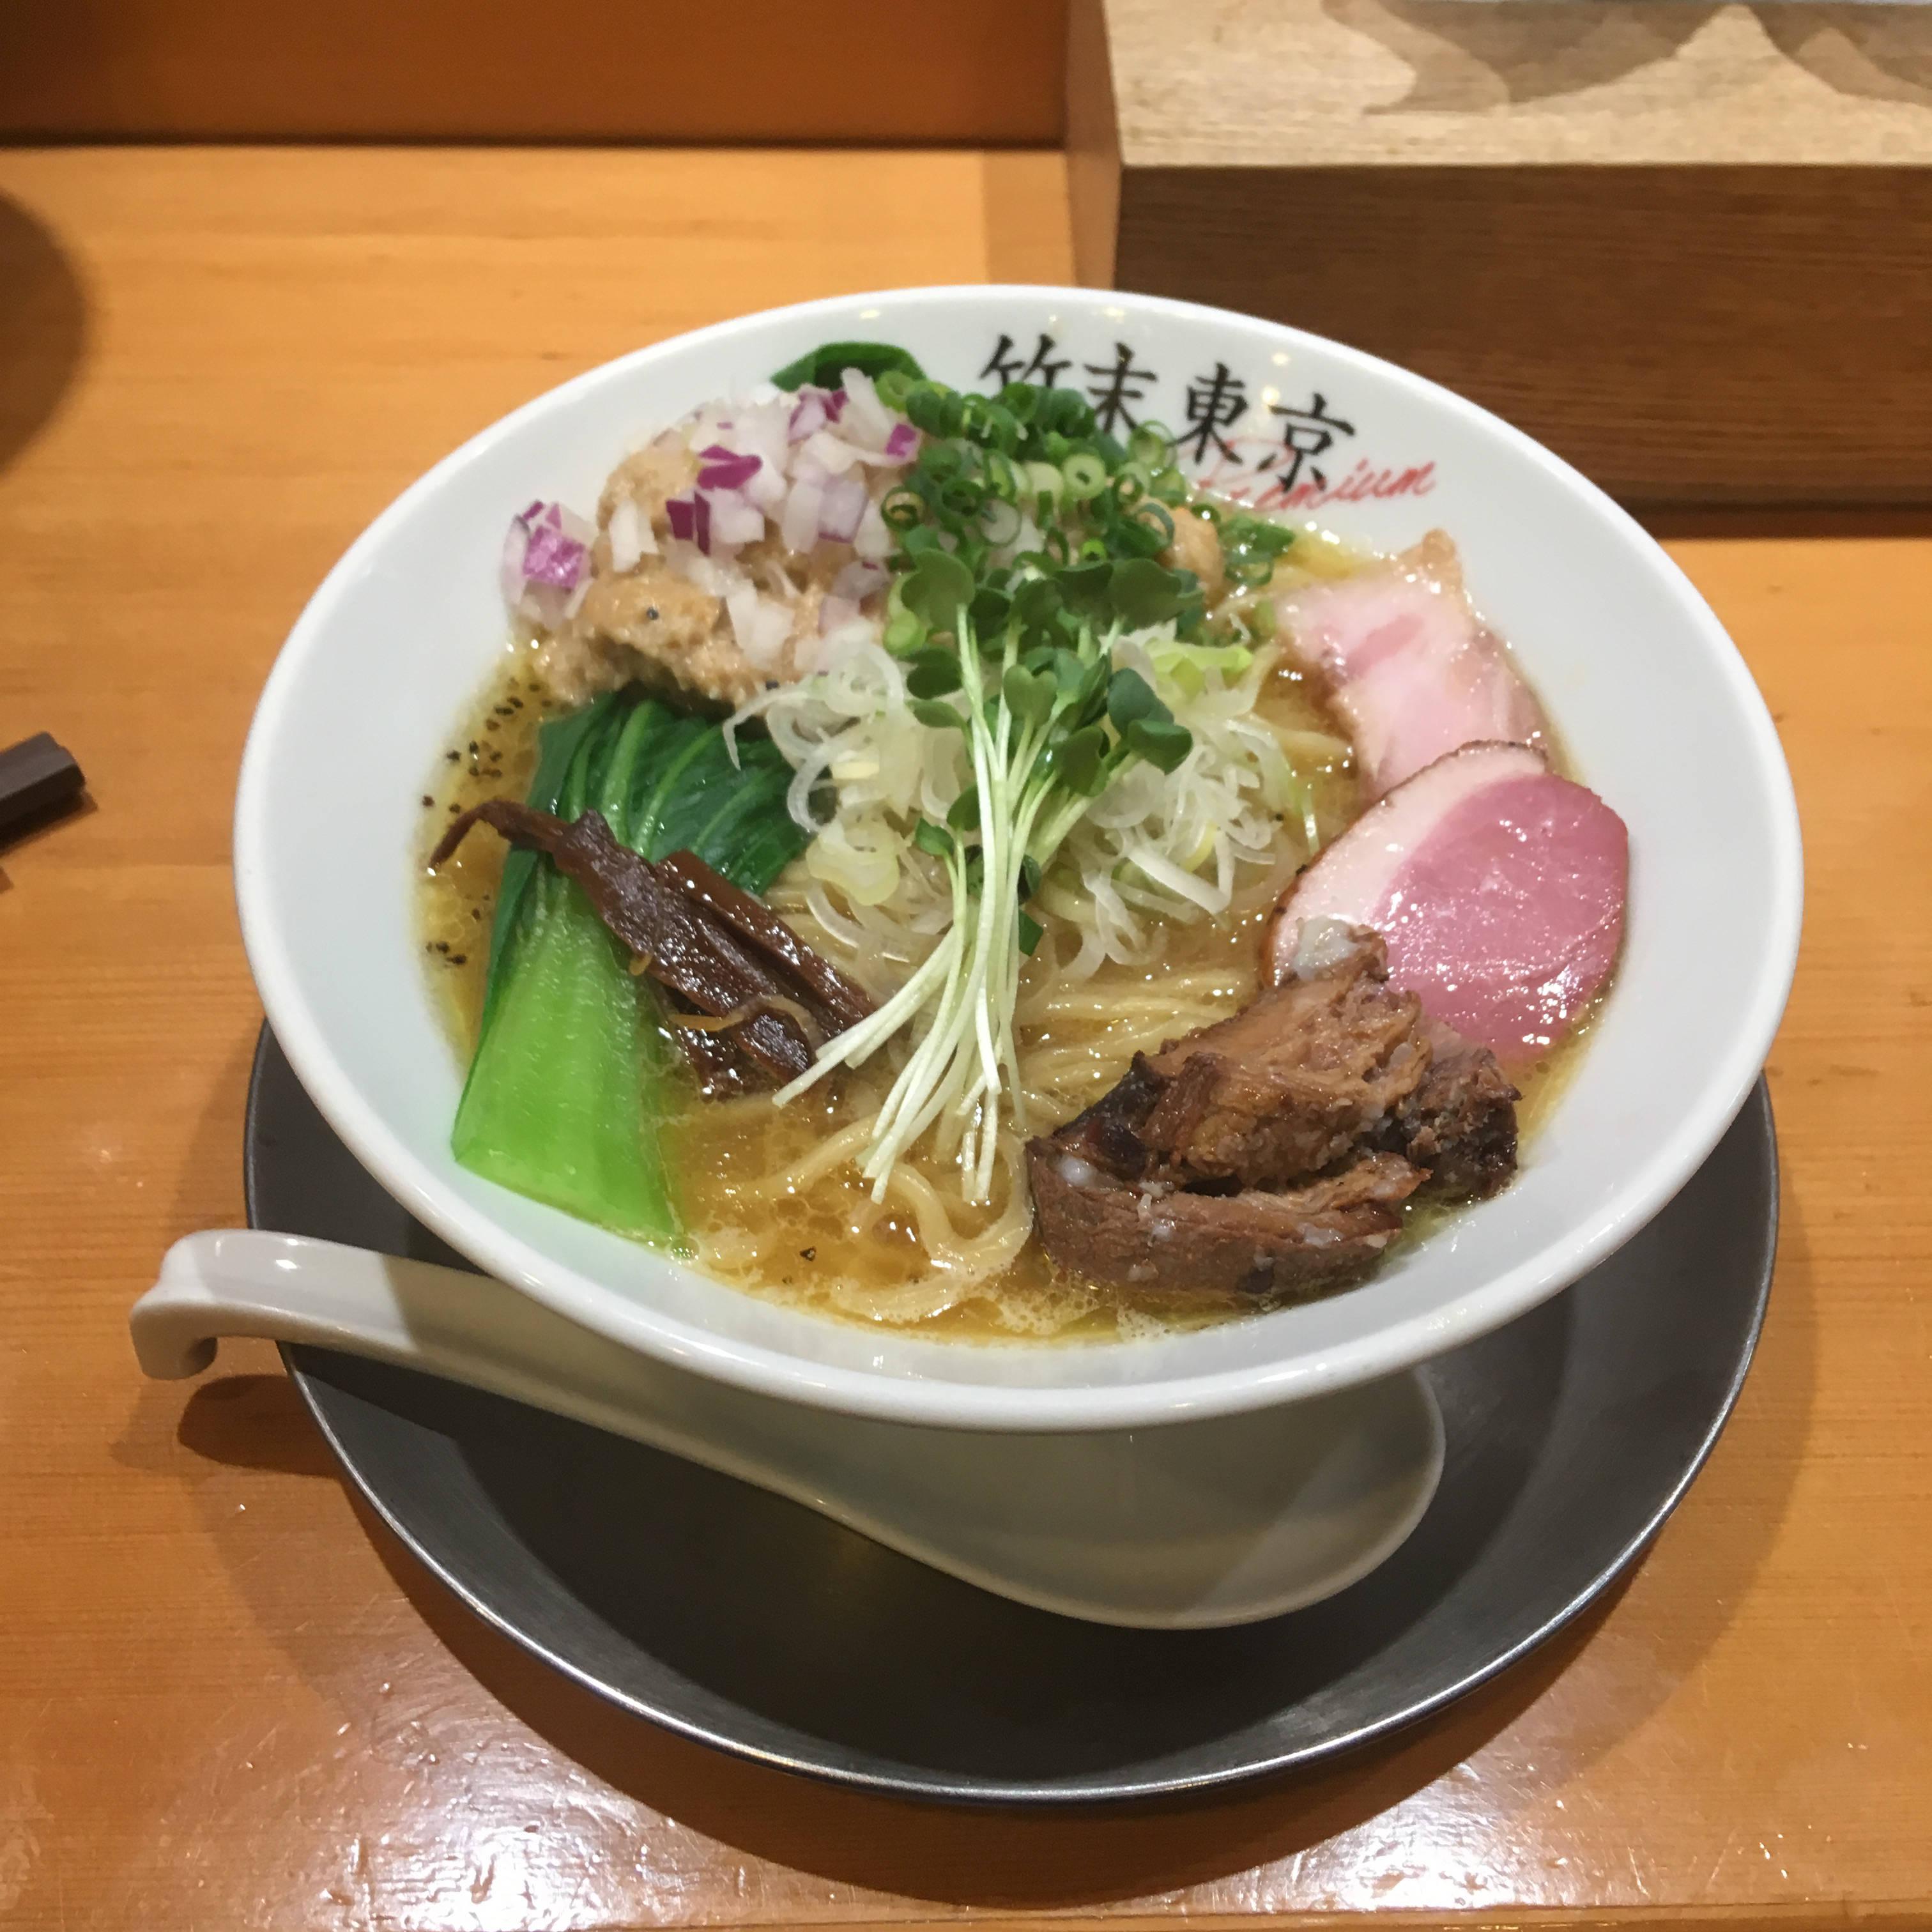 鶏ホタテそば900円 ホタテペーストどっさり 竹末東京プレミアム